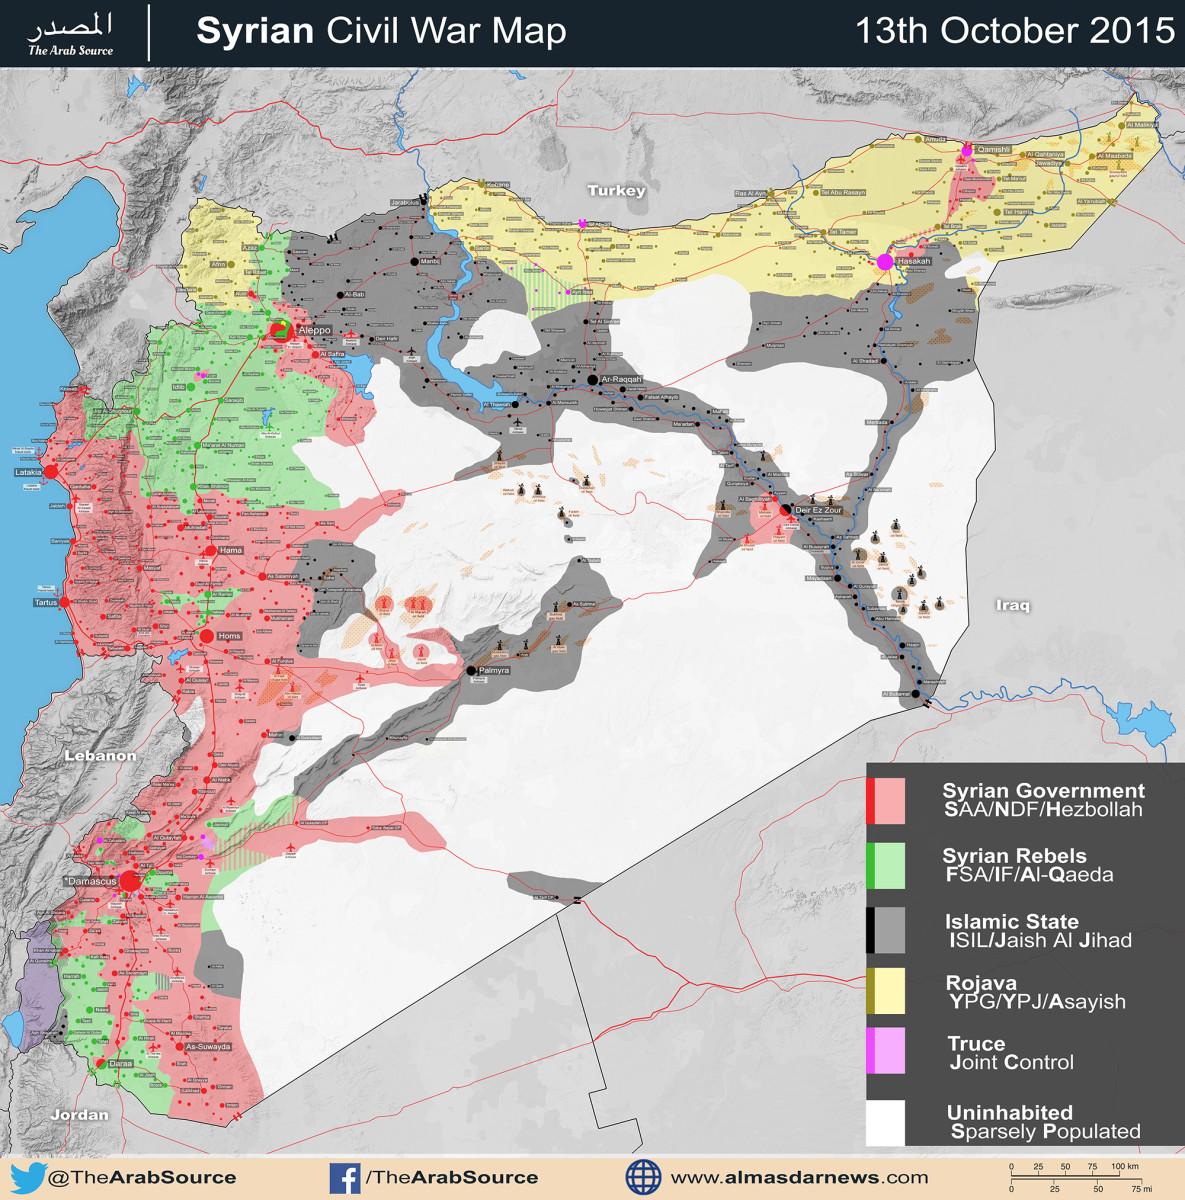 Syrian civil war map (13 october 2015)